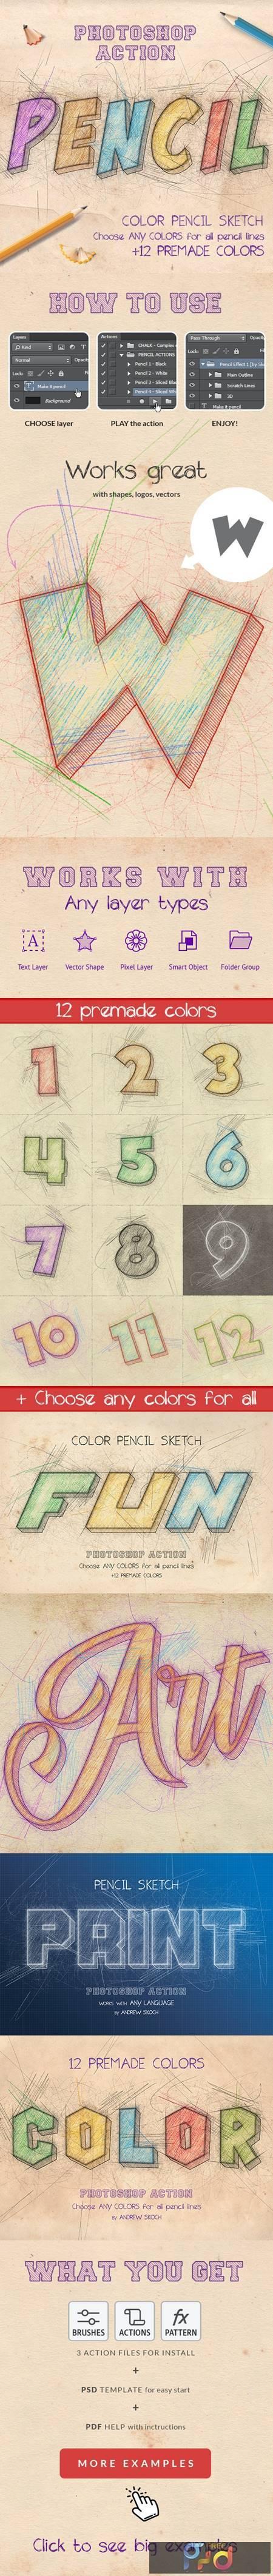 Color Pencil Sketch - Photoshop Actions 27194012 1